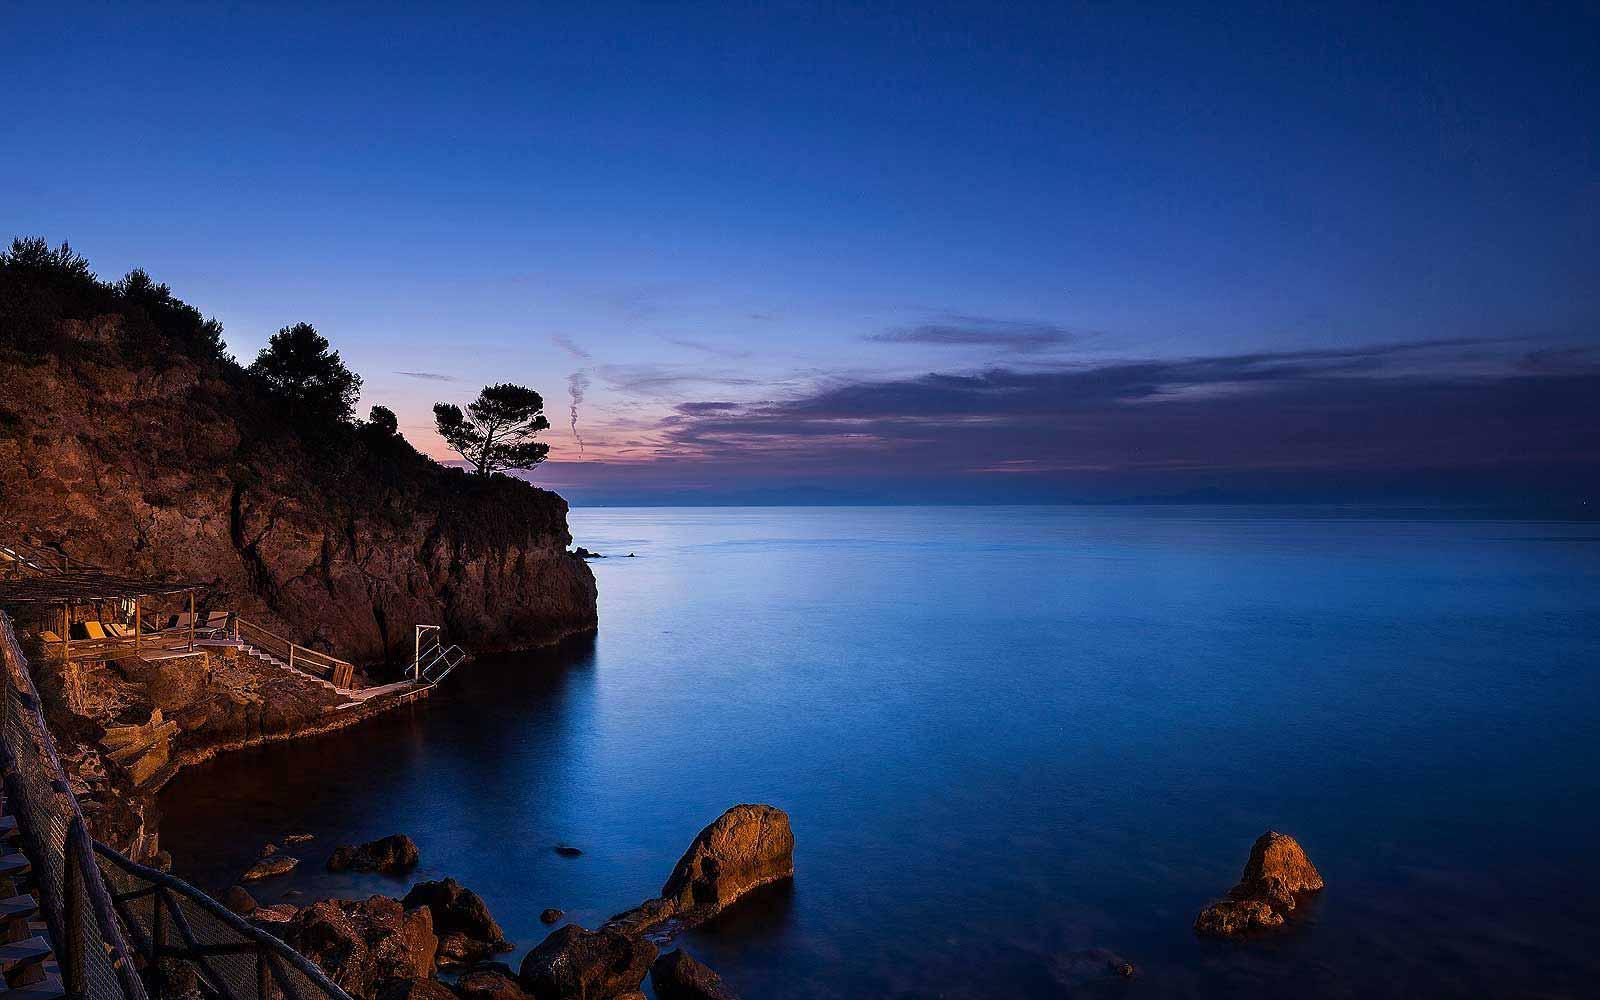 Private bay of the Mezzatorre Resort & Spa